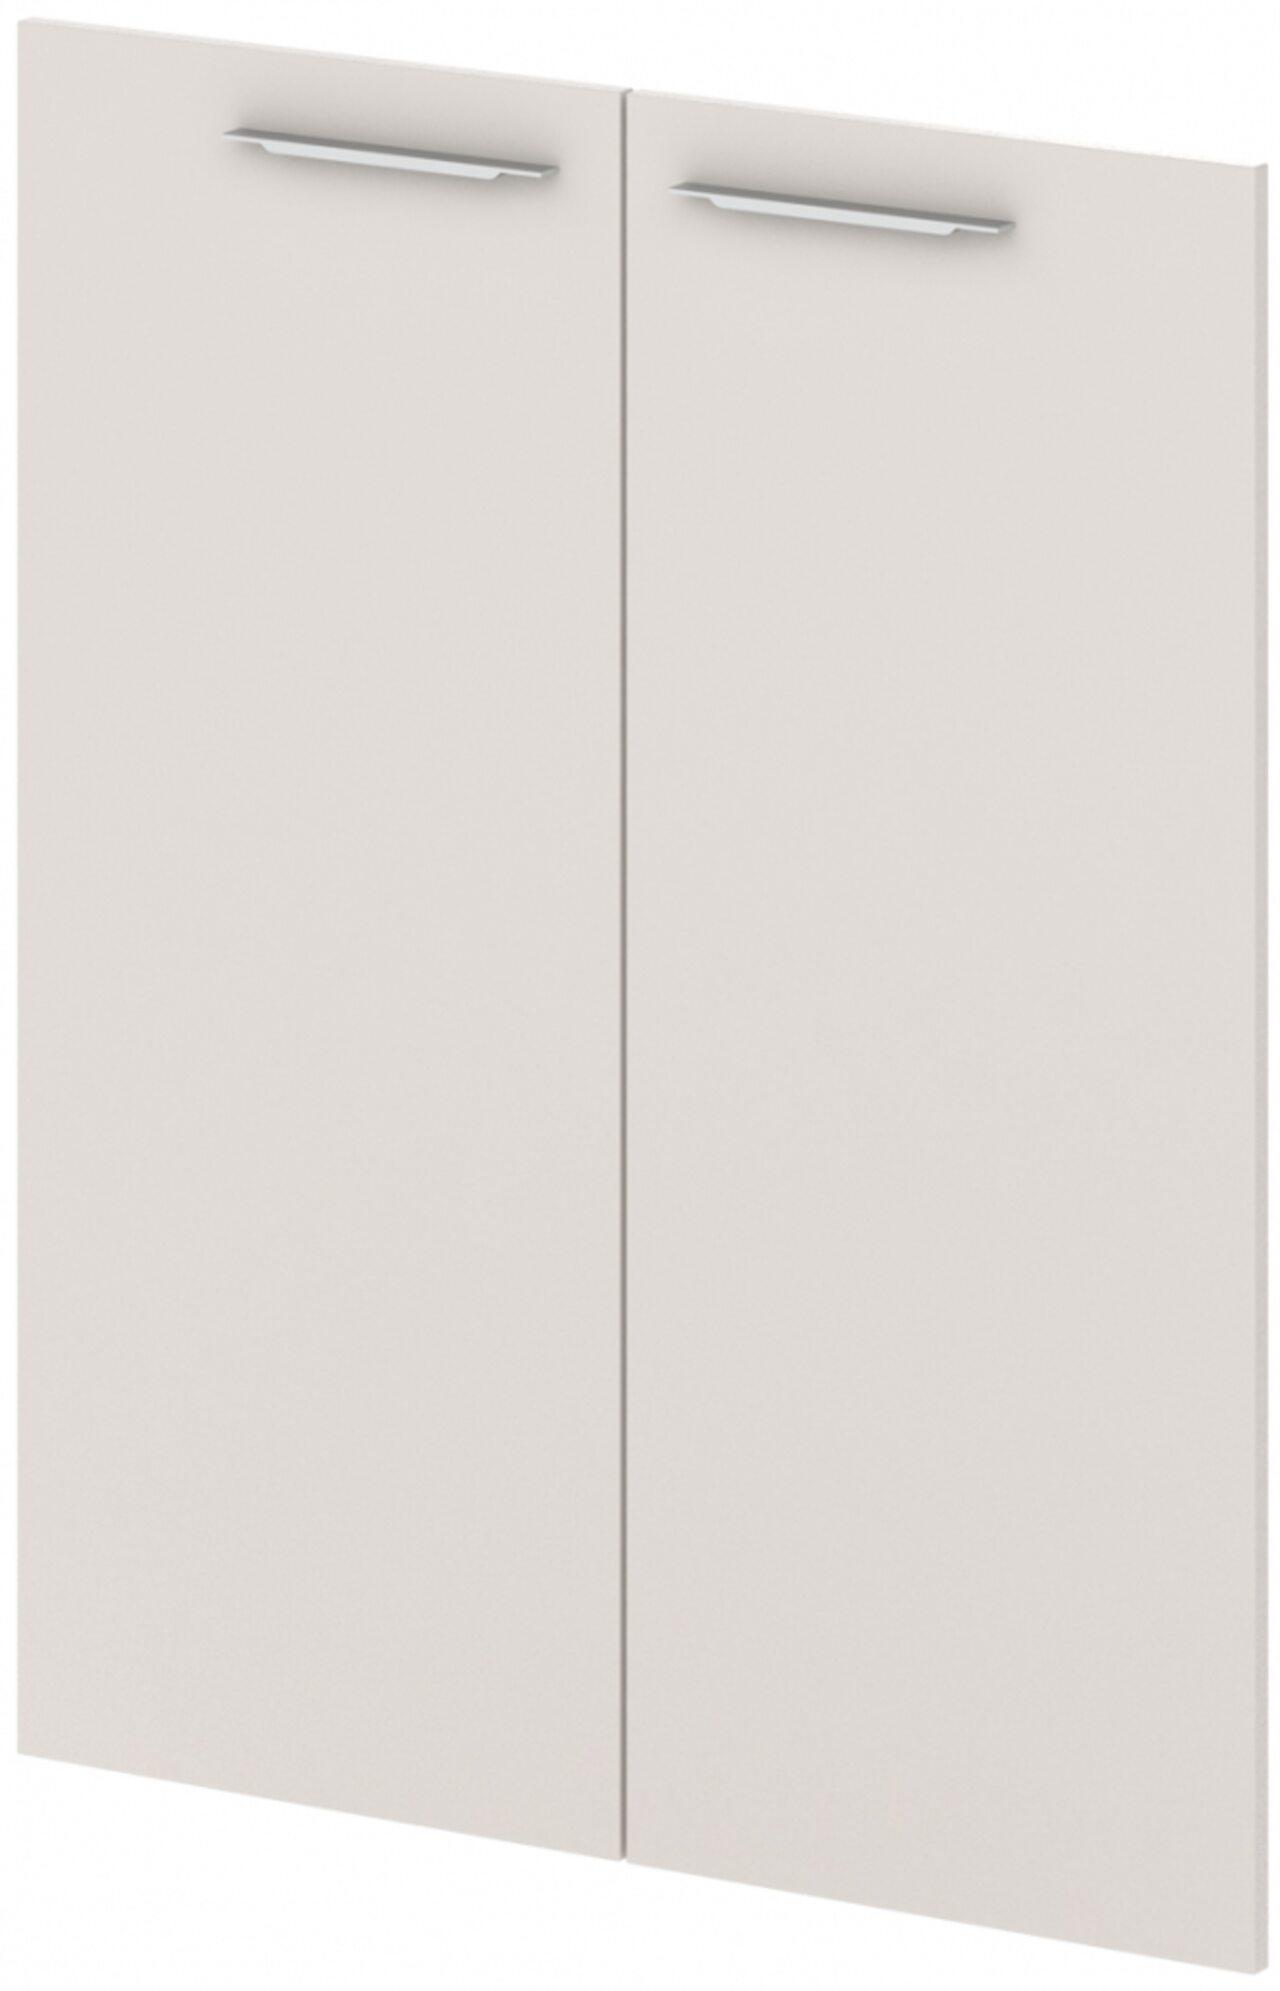 Двери ЛДСП средние  Grandeza 90x2x111 - фото 1